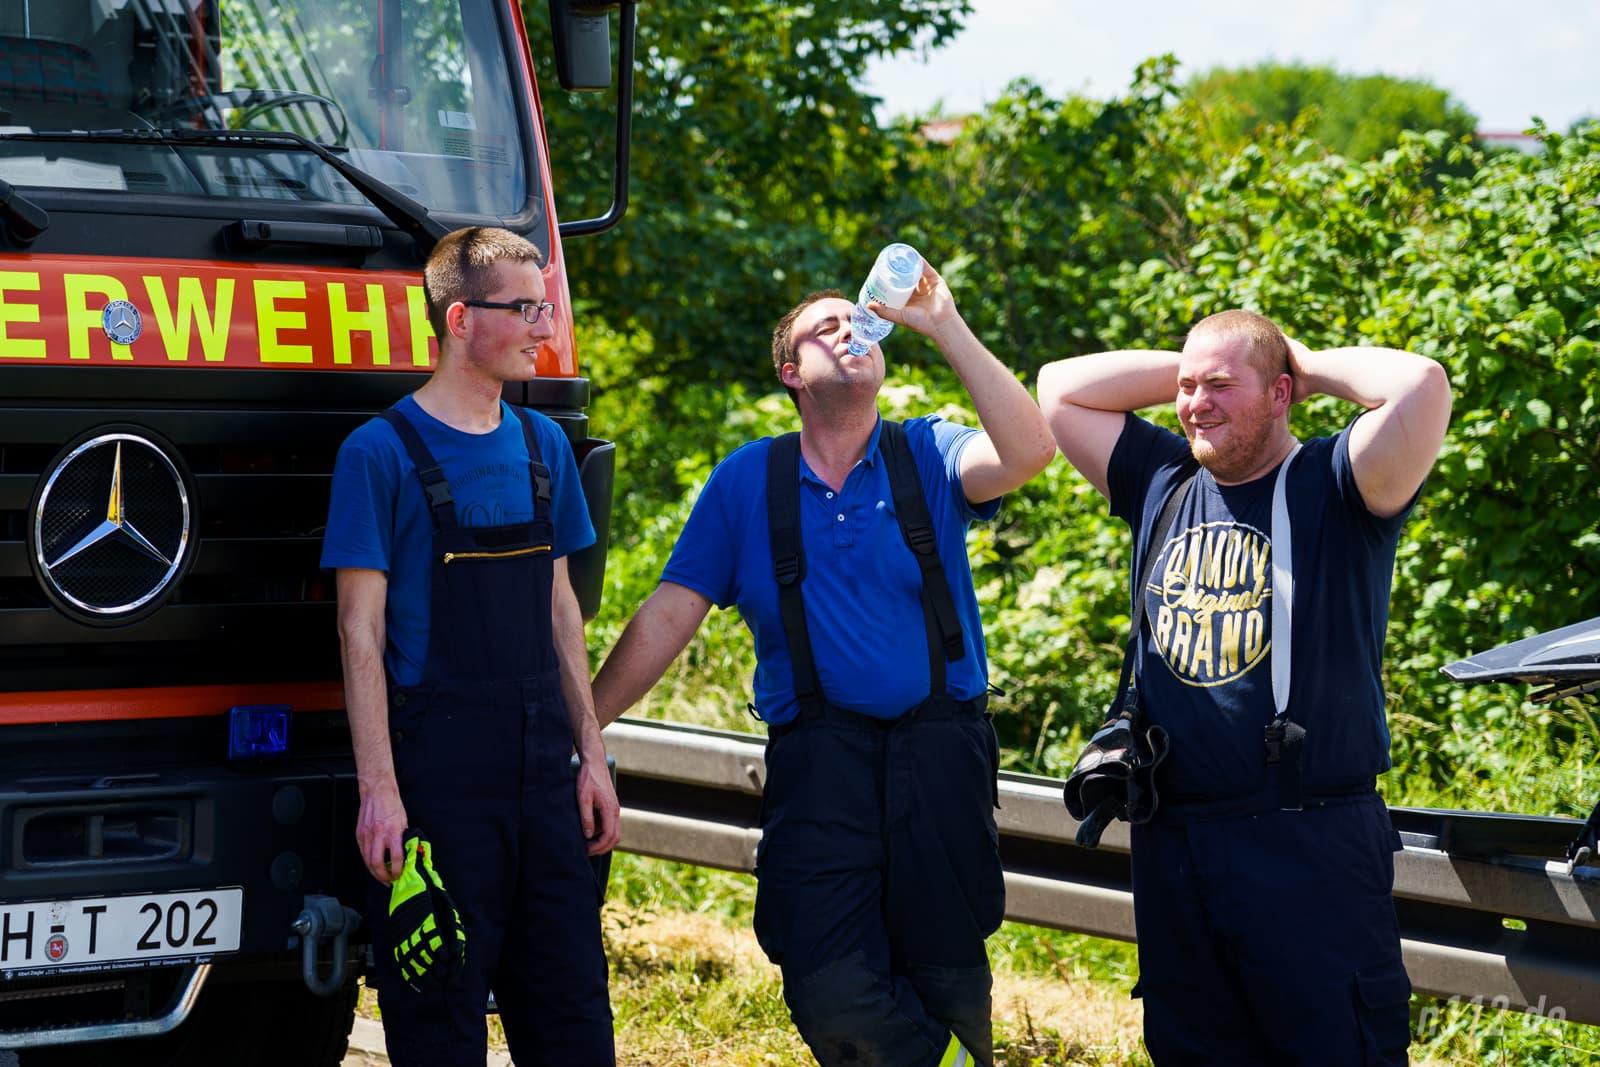 Abkühlung nach einem schweißtreibenden Einsatz in voller Feuerwehrmontur (Foto: n112.de/Stefan Simonsen)